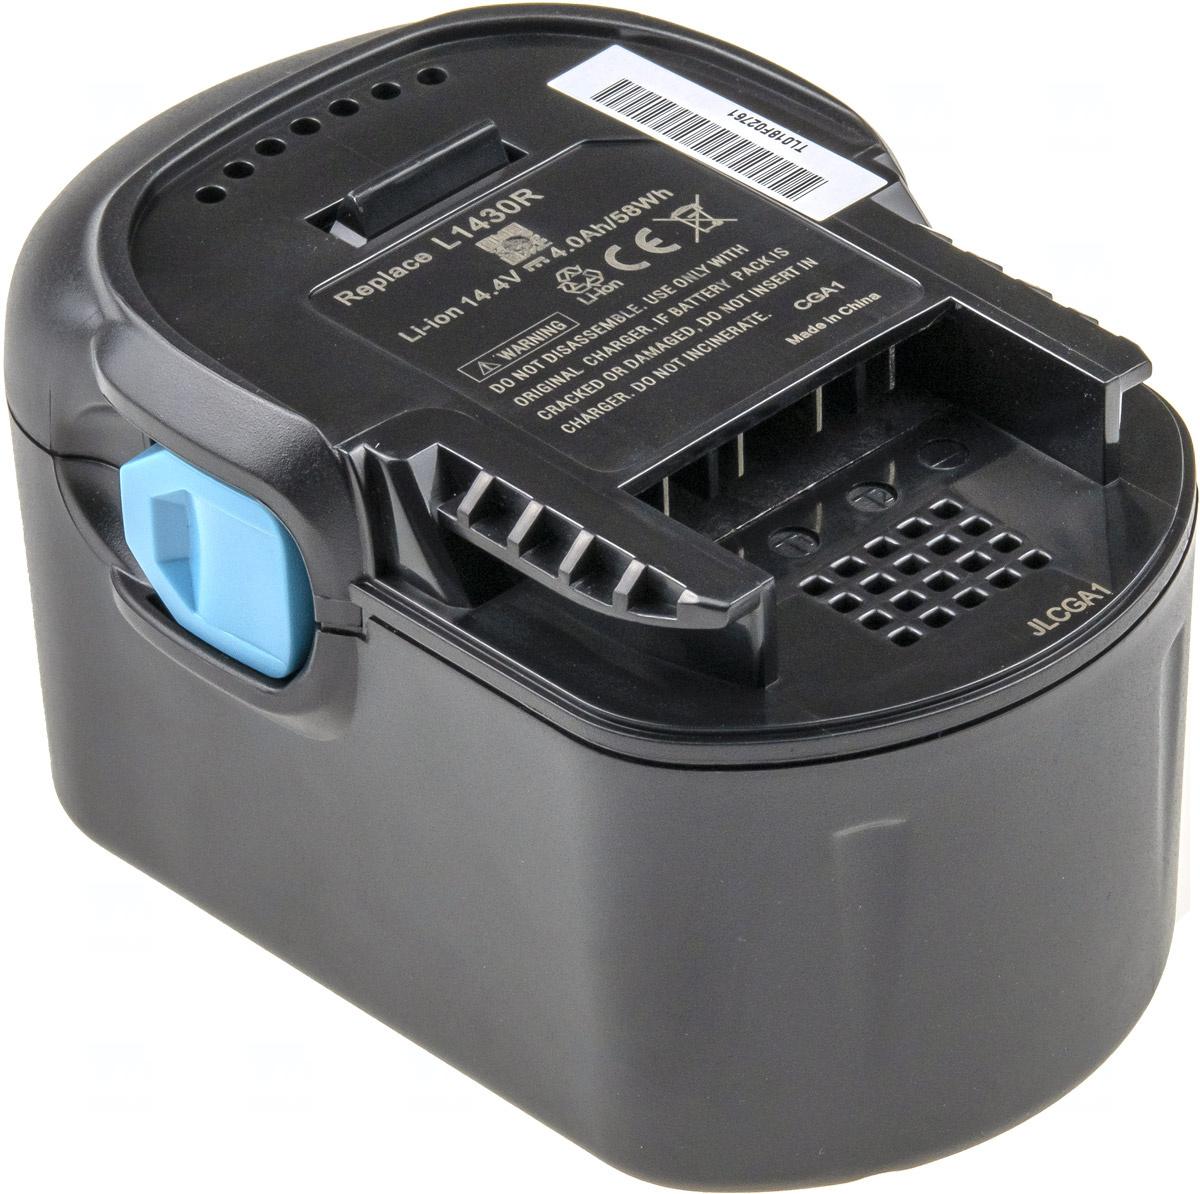 Baterie T6 power L1414, L1414R, L1415, L1430, L1430R, 0700956430, 4932352657, 4002395367641, 4932 352111